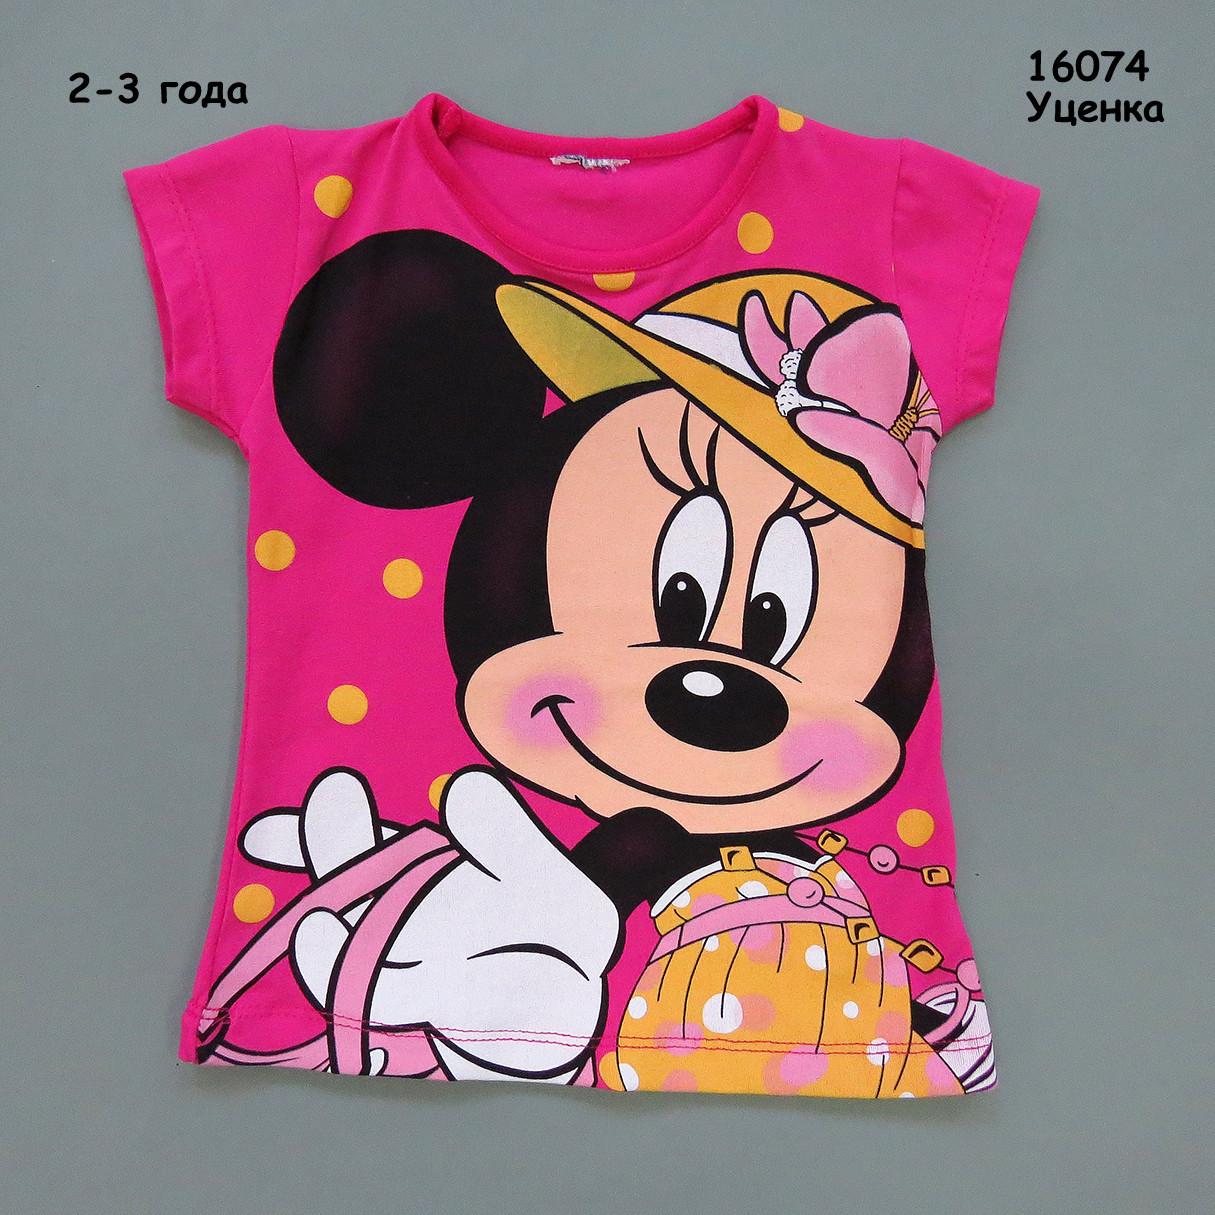 Футболка Minnie Mouse для девочки.  2-3 года